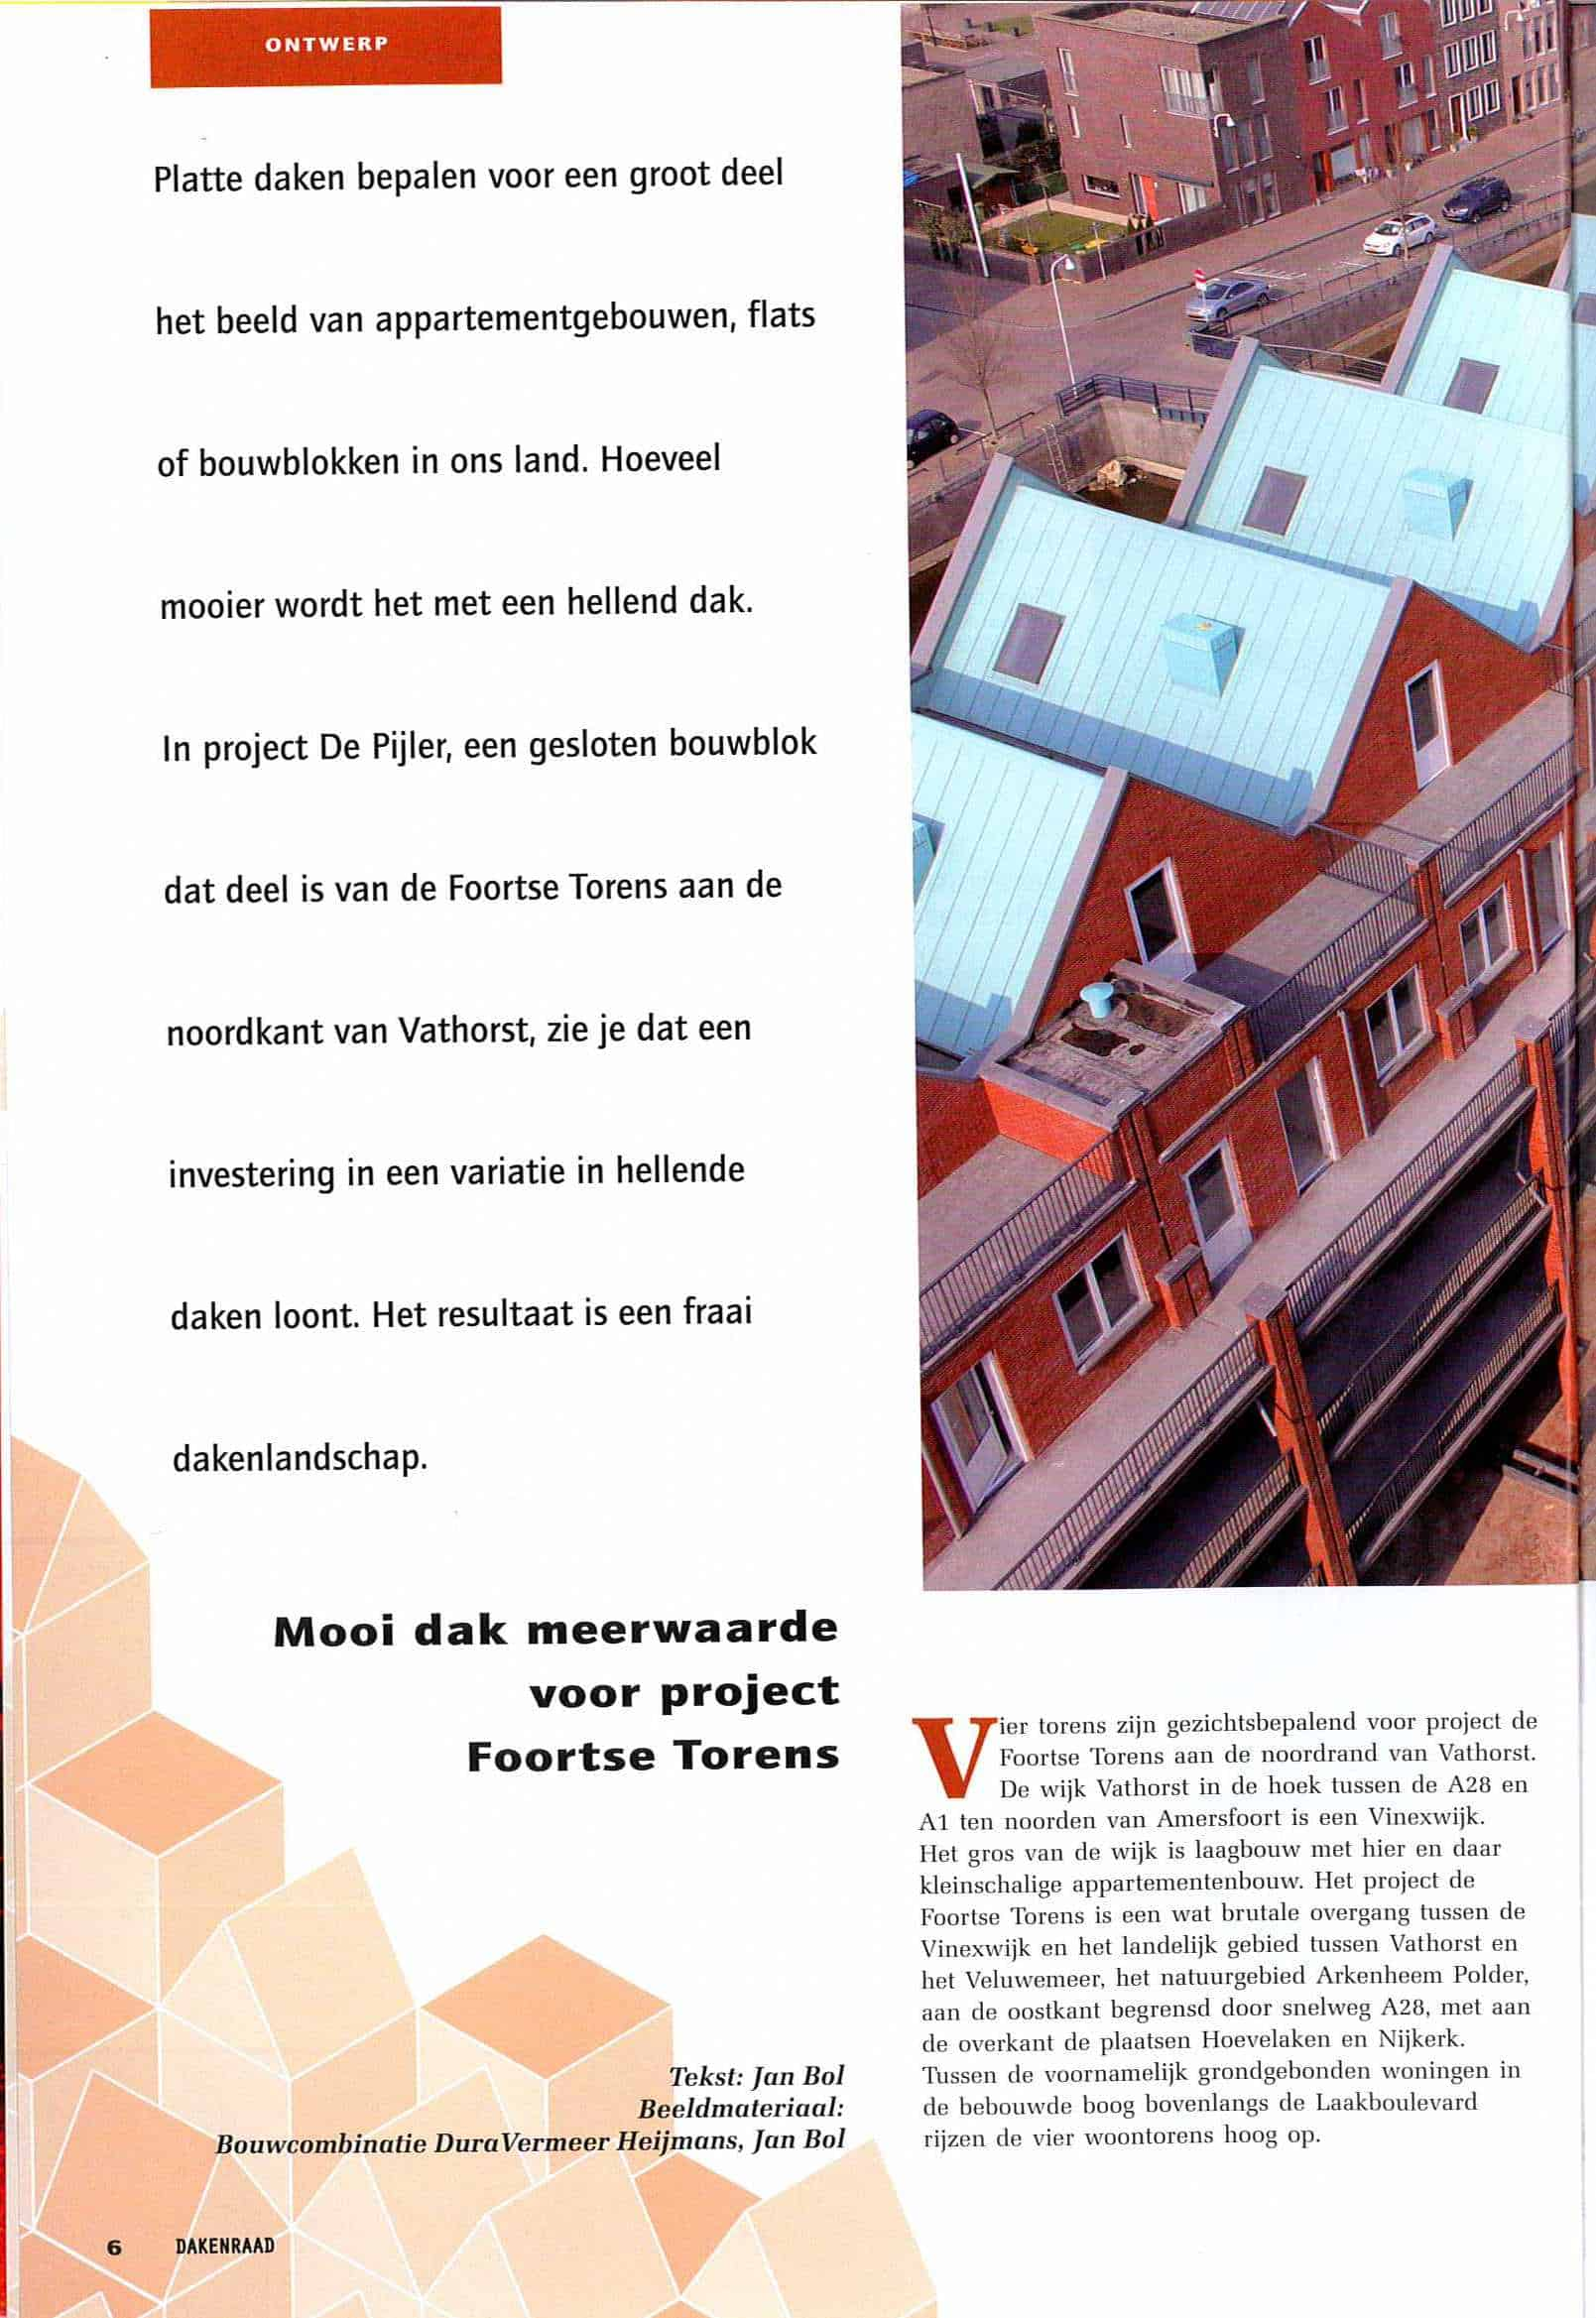 Dakenraad_2011-04_Vathorst-Dakenlandschap-siert-klassiek-bouwblok_1-2